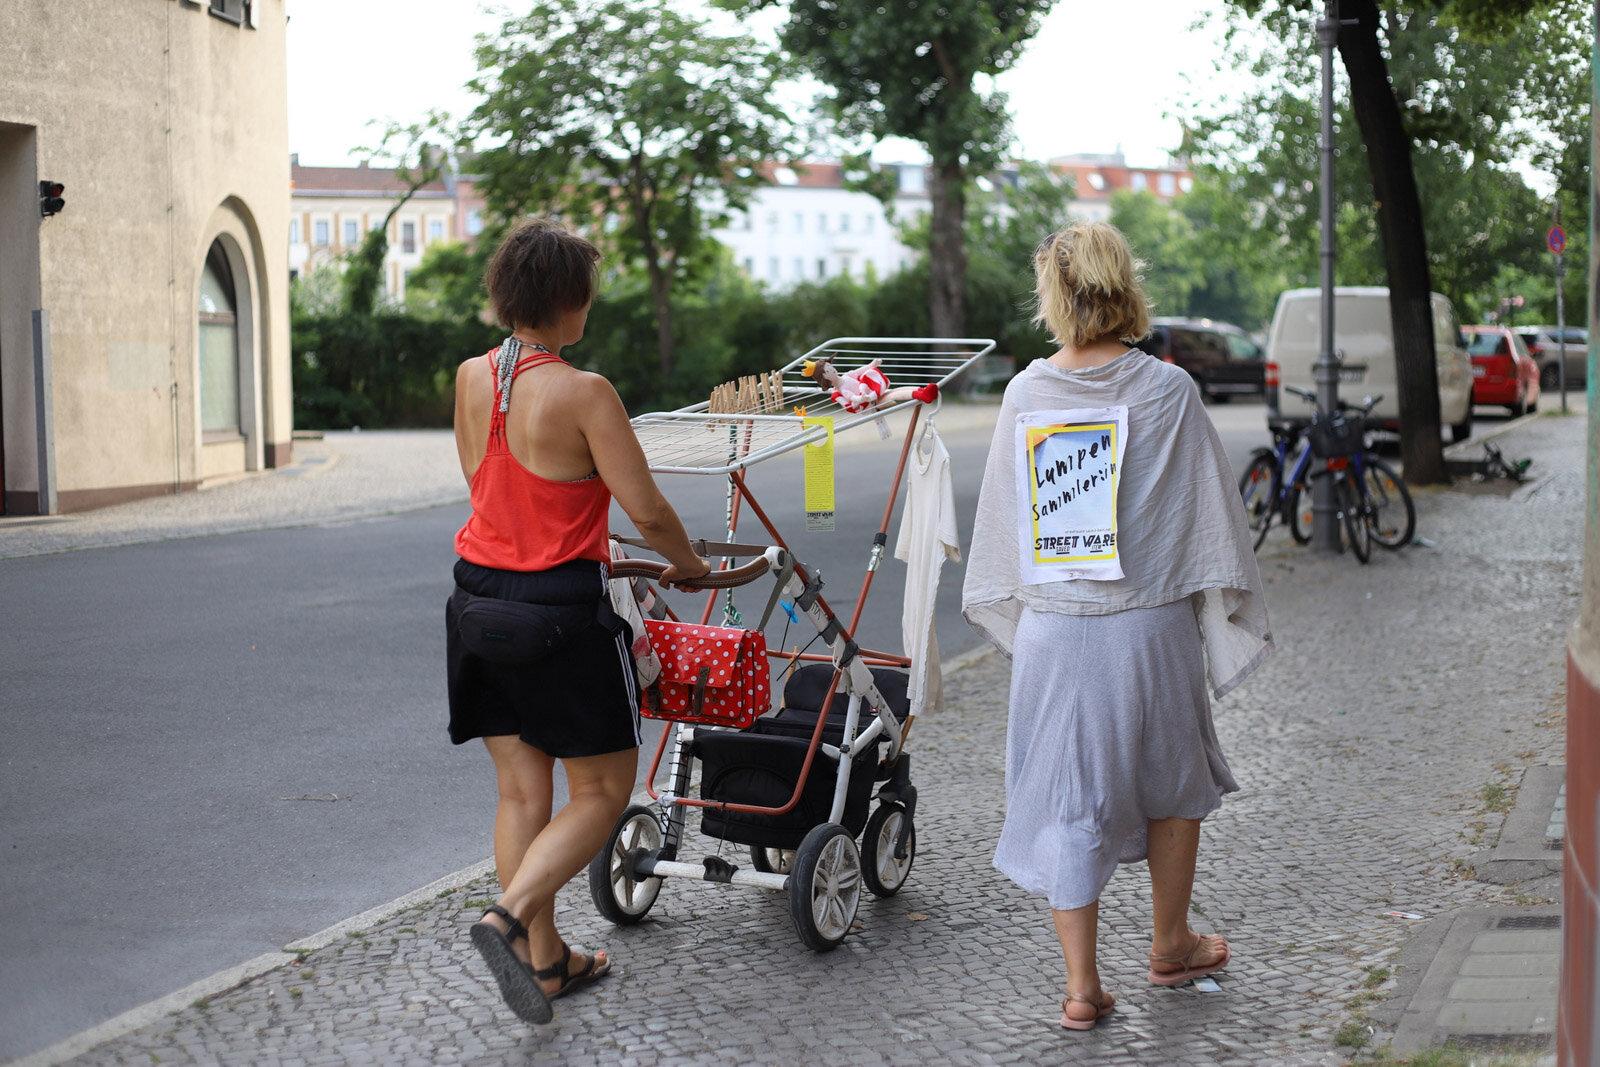 可持续发展-时尚-安装-柏林- 4. - jpg